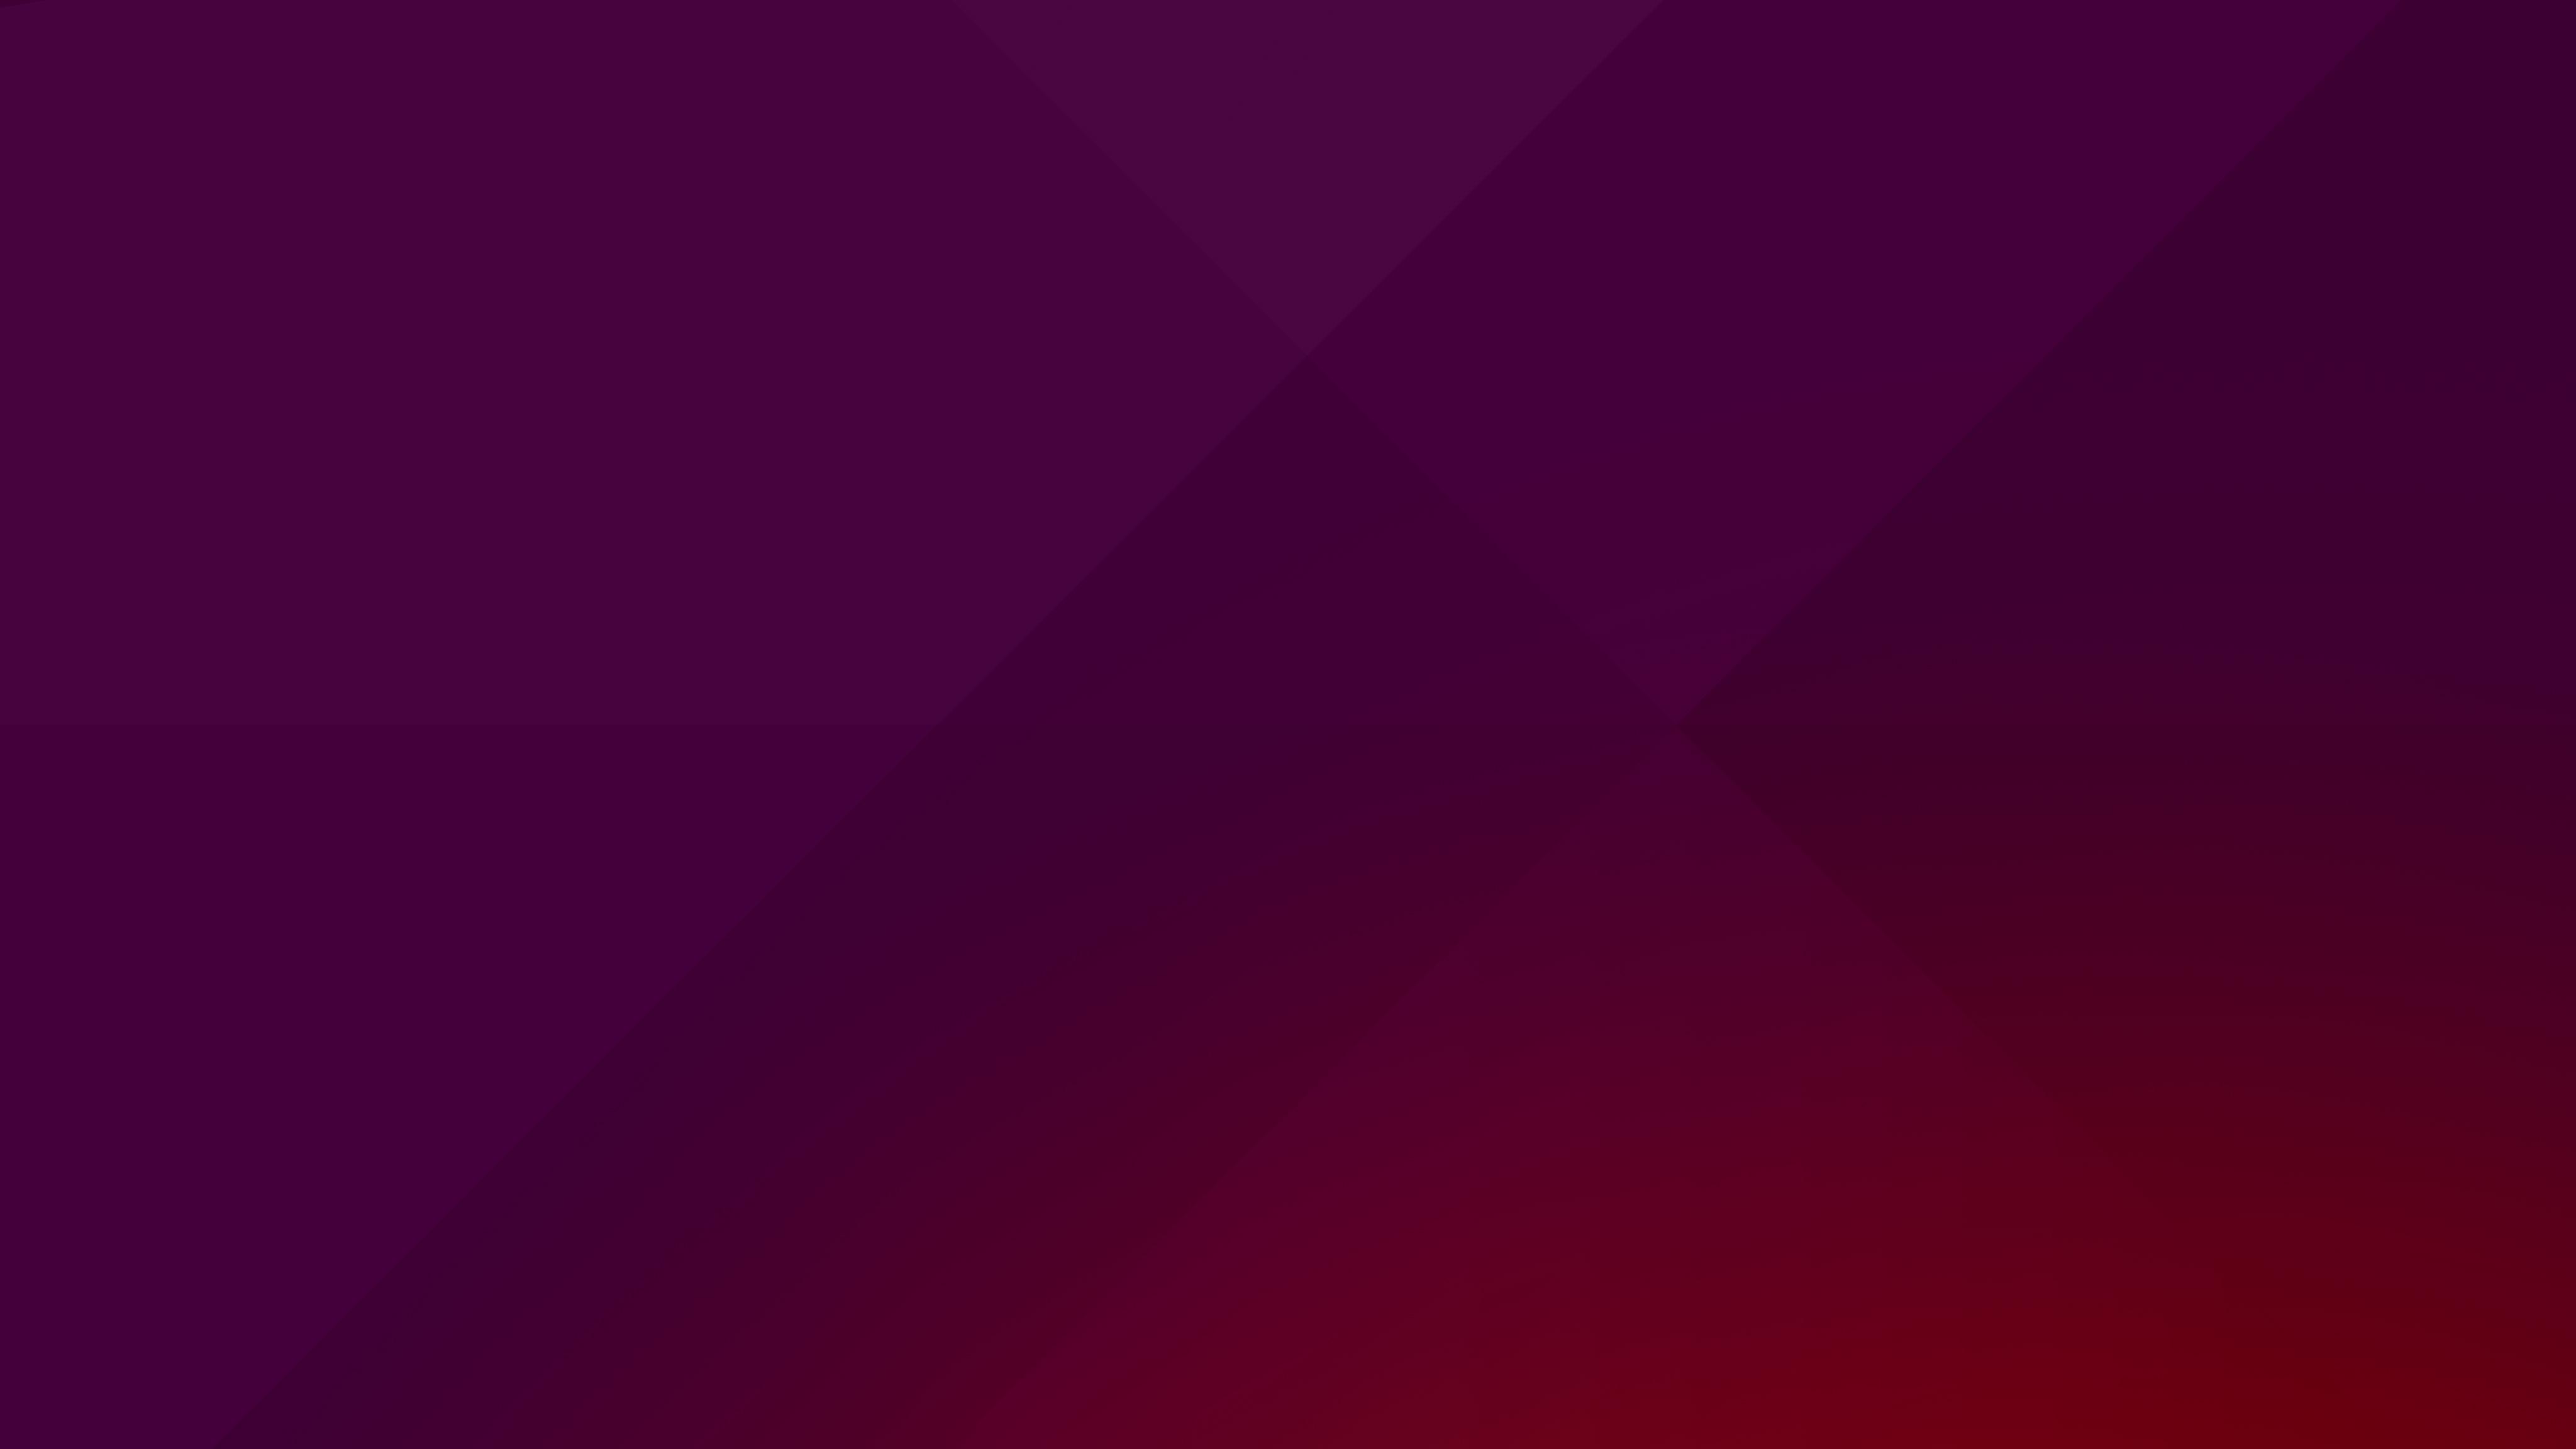 Ubuntu Wallpapers from Ubuntu 410 Warty Warthog to Ubuntu 1504 4096x2304